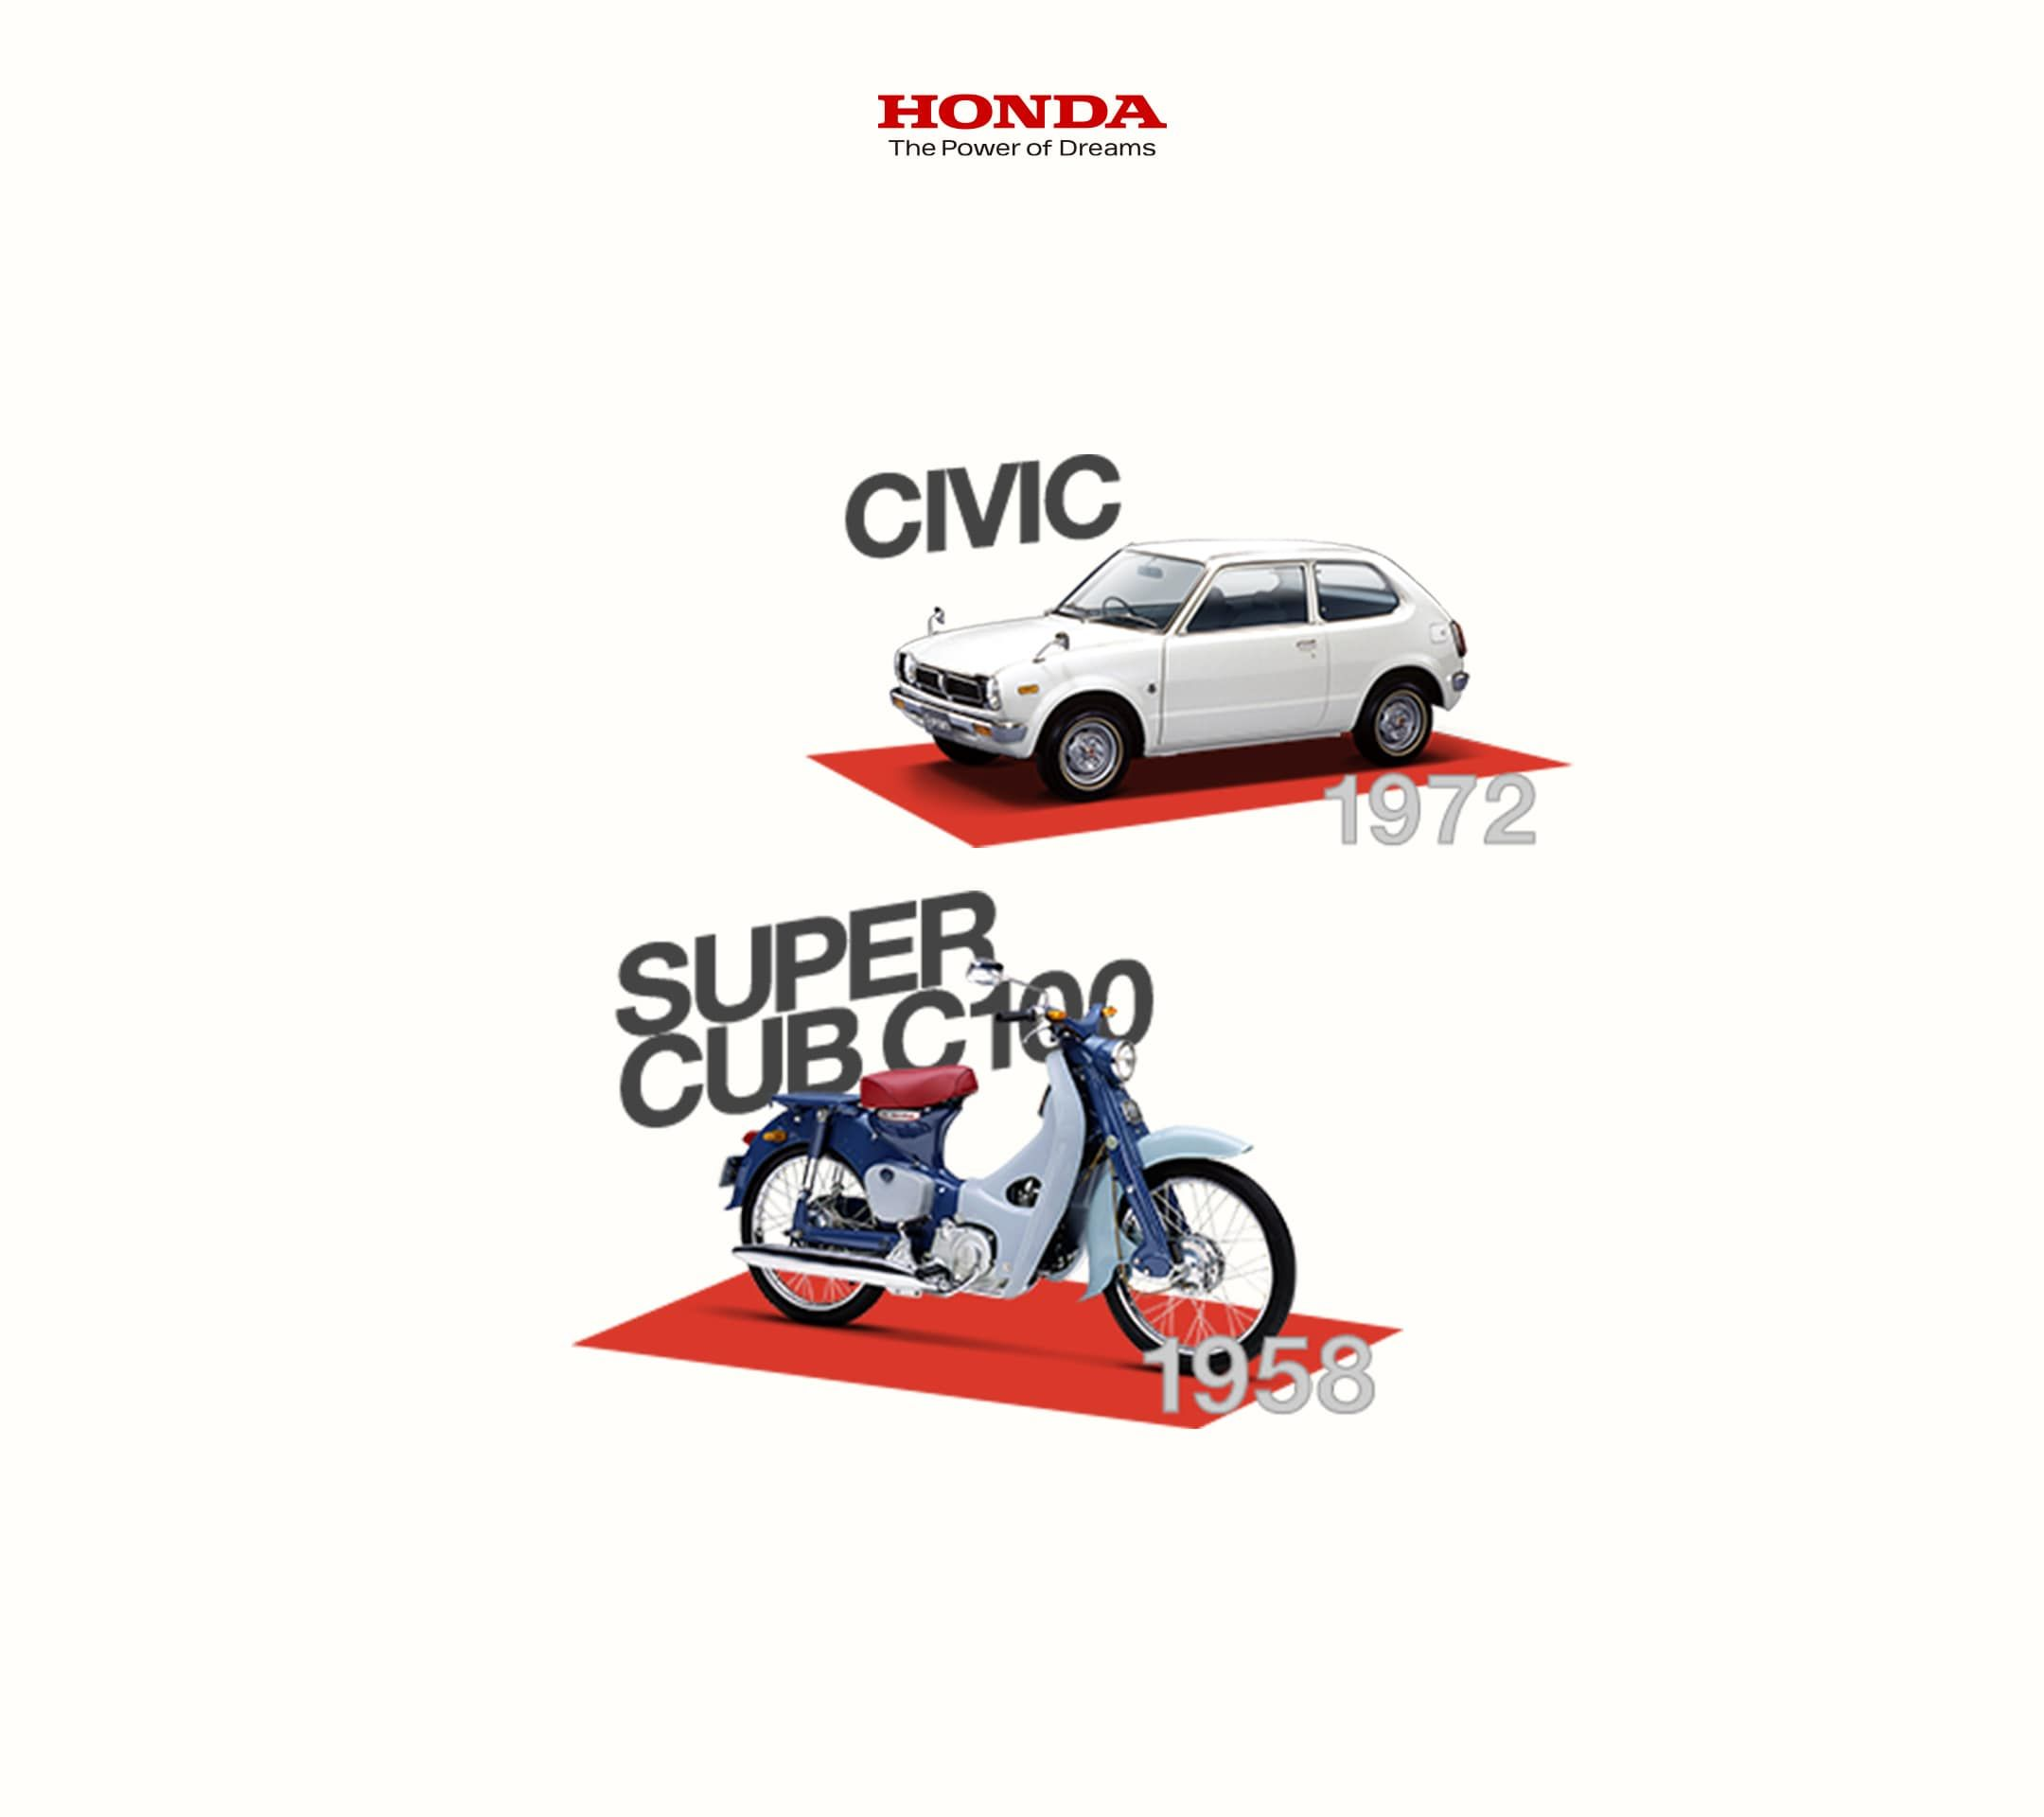 最高の壁紙 ベスト ロードバイク 壁紙 スマホ 壁紙 ペダル